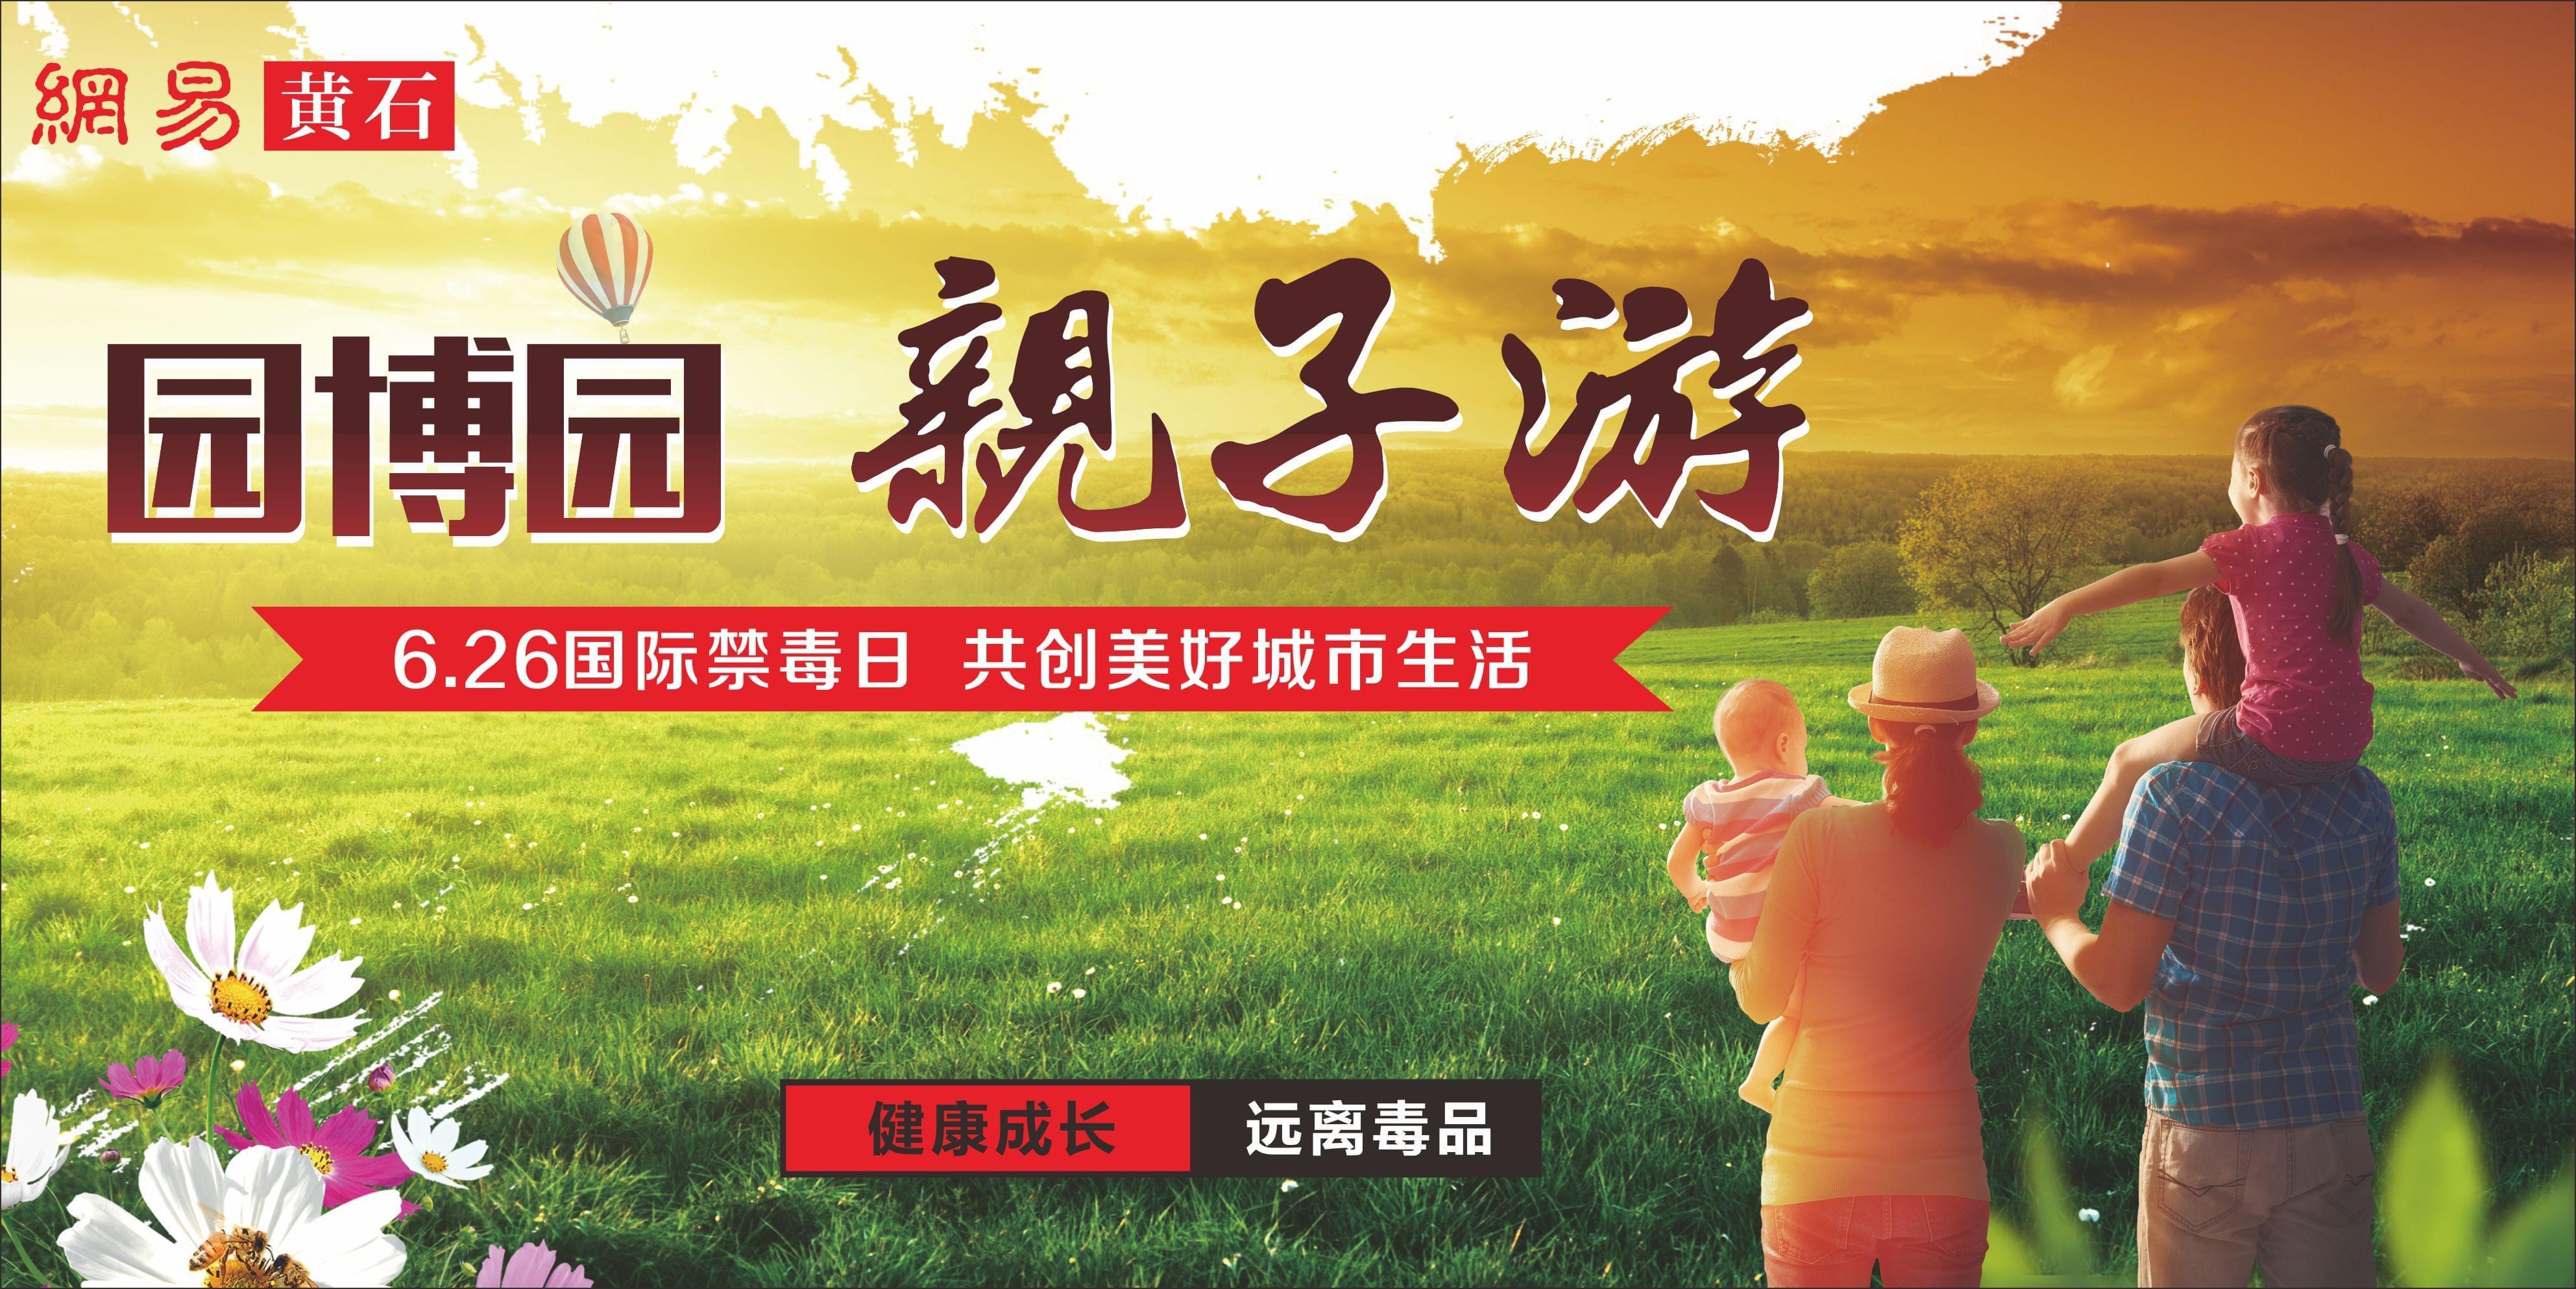 6.26国际禁毒日,黄石园博园亲子游!